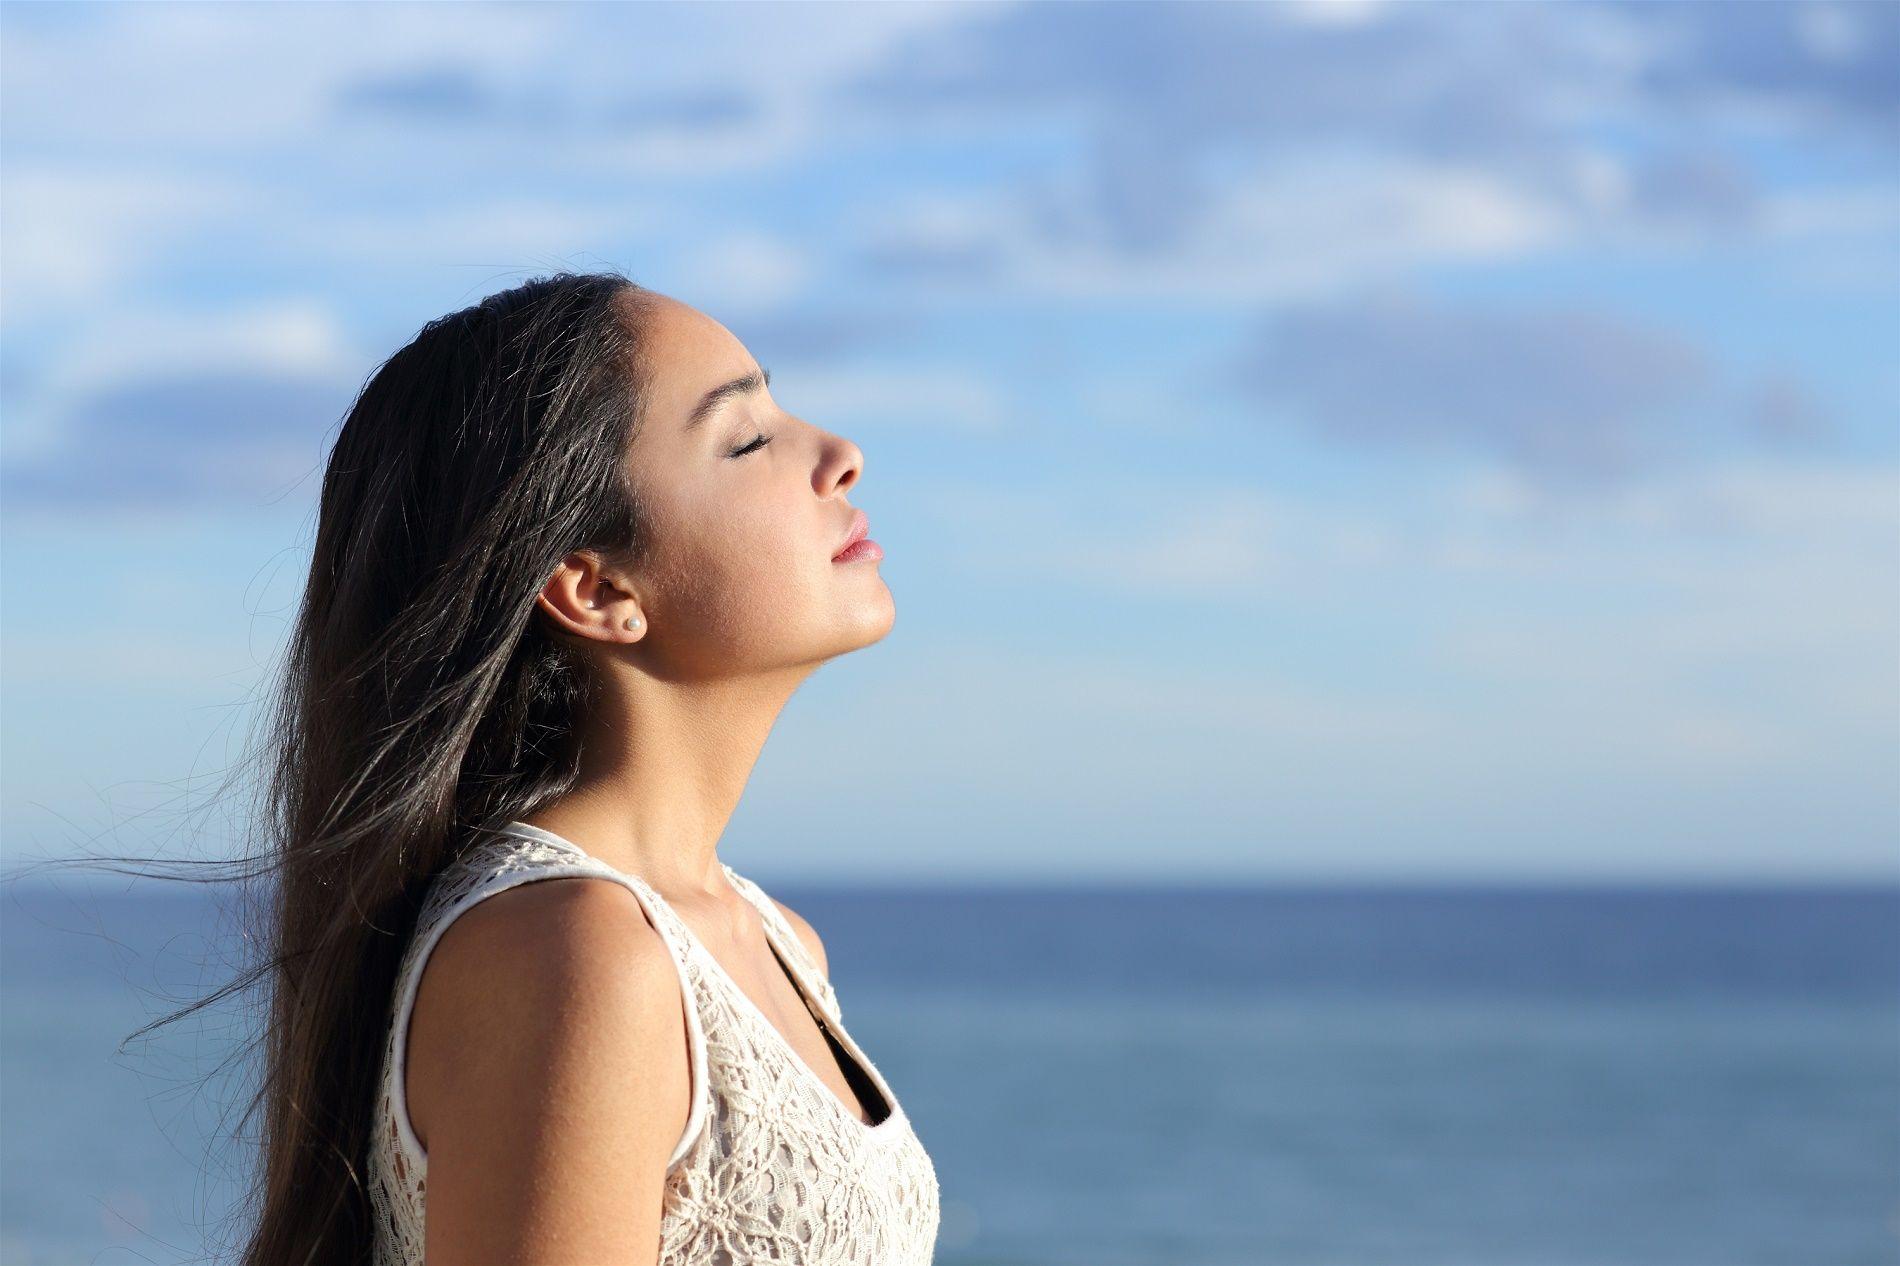 donna-asma-respirare